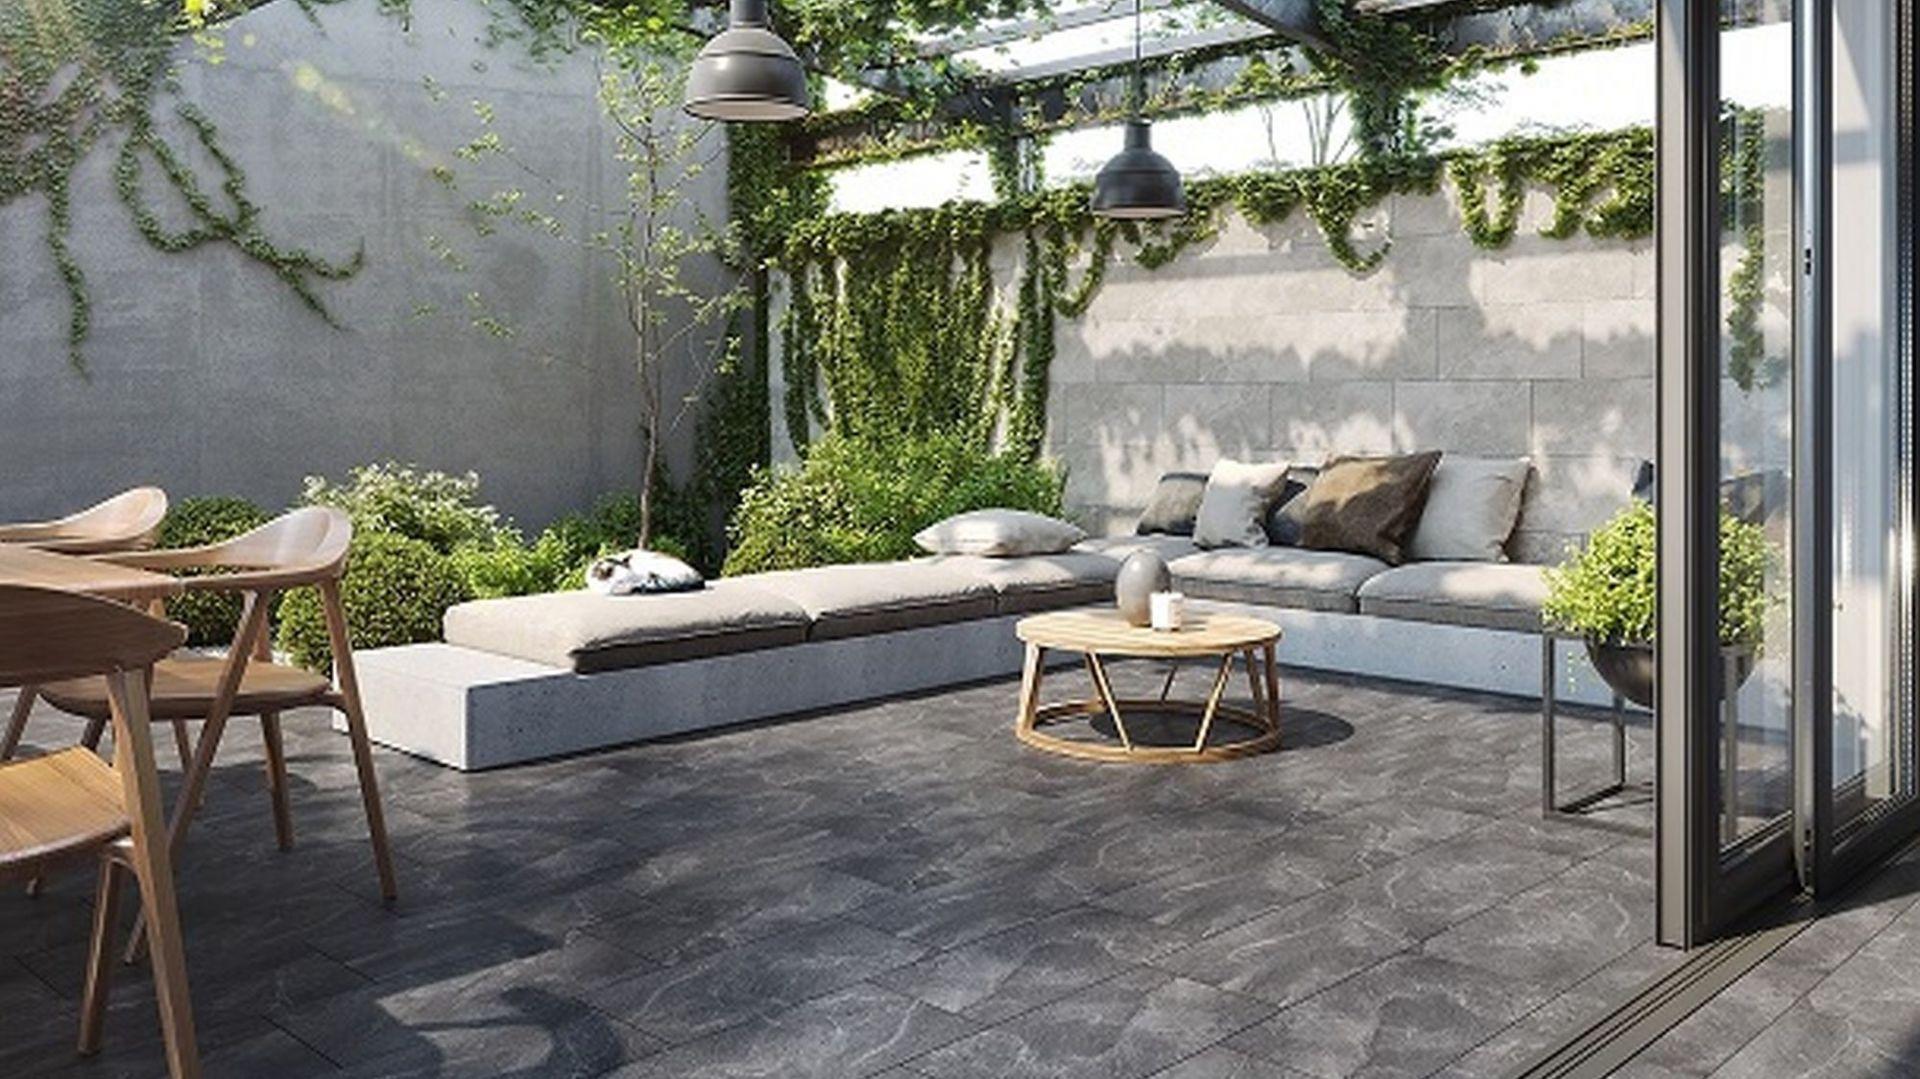 Ogród, taras, balkon i…salon - tworzymy spójną aranżację. Fot. Opoczno